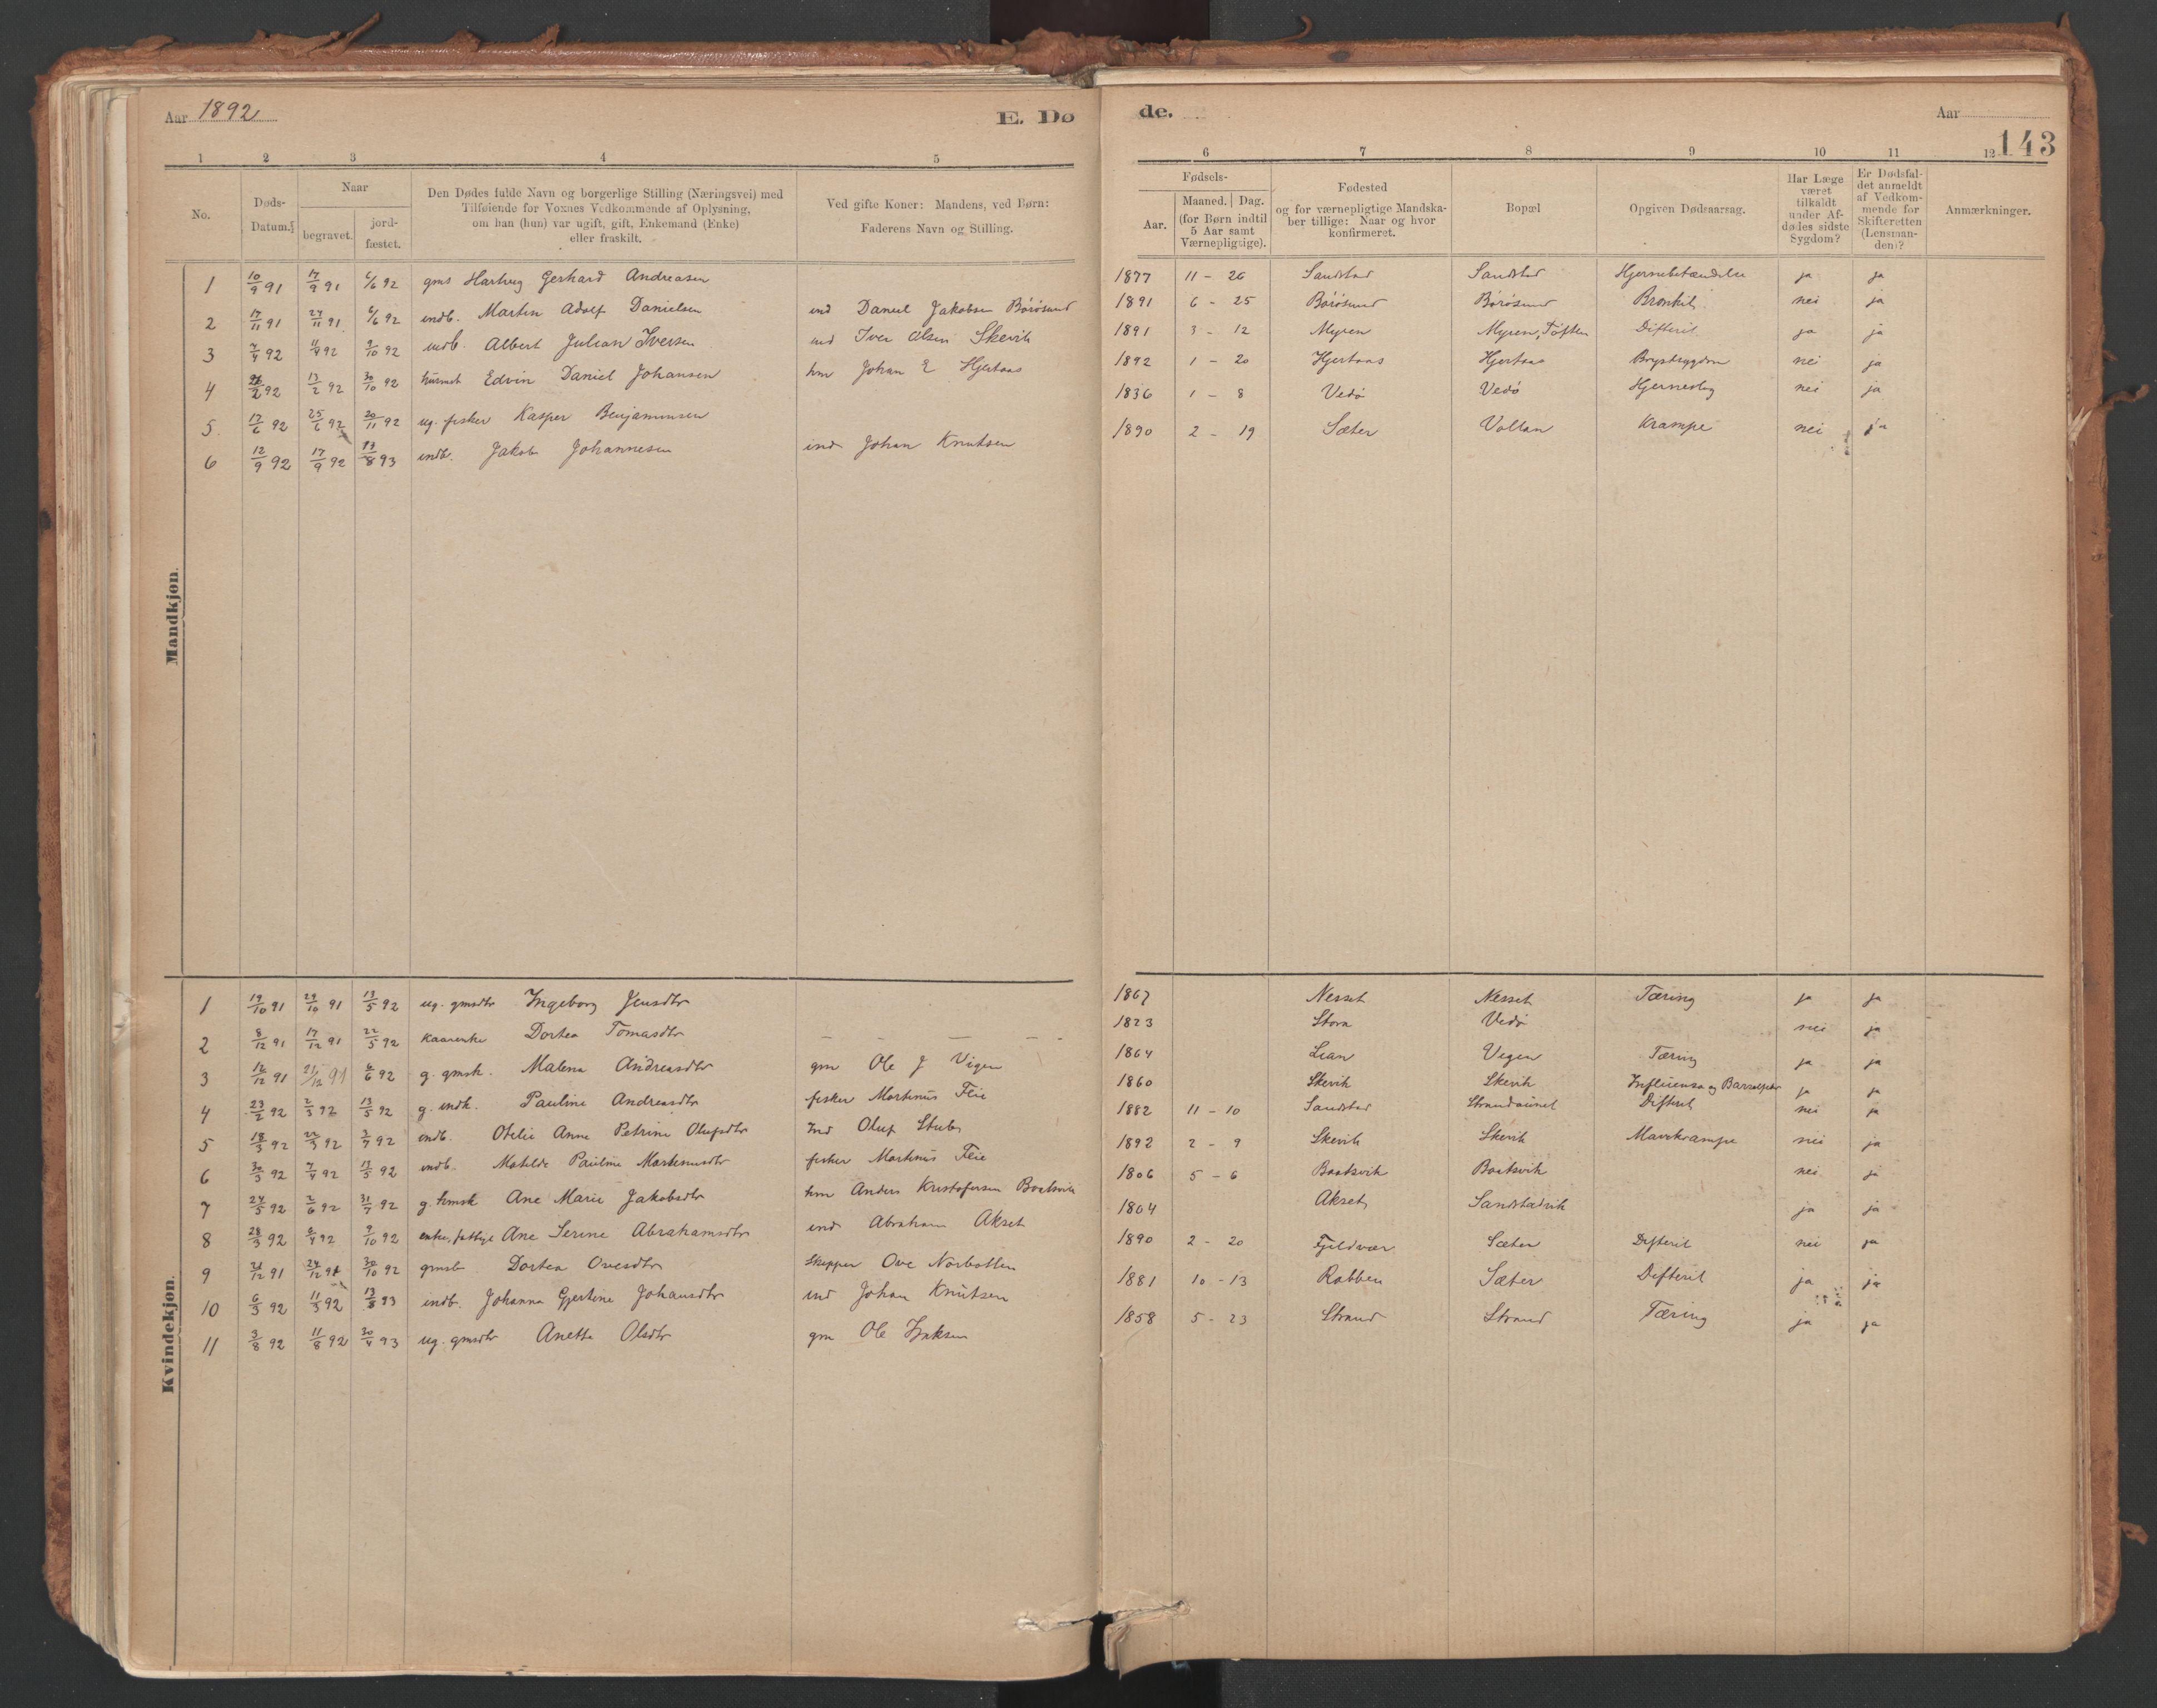 SAT, Ministerialprotokoller, klokkerbøker og fødselsregistre - Sør-Trøndelag, 639/L0572: Ministerialbok nr. 639A01, 1890-1920, s. 143